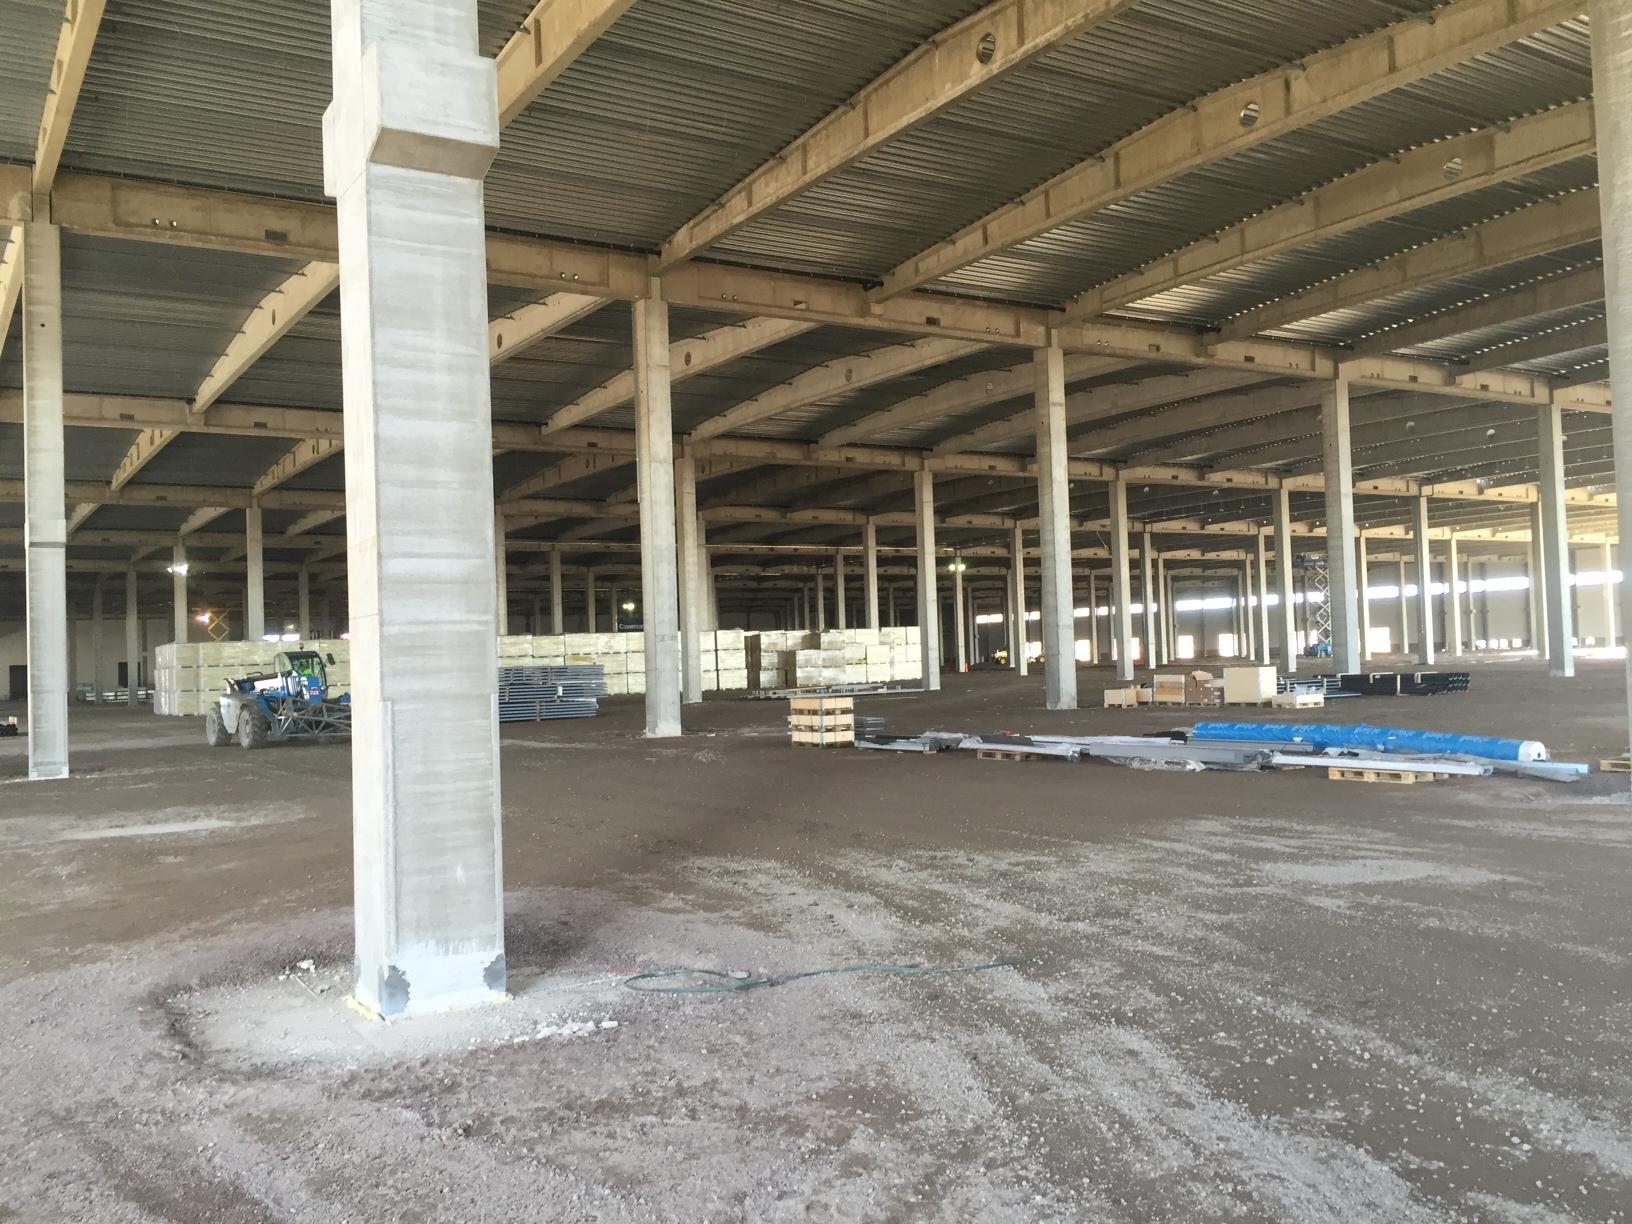 Varuhuskedjan Rusta centraliserar sin lagerverksamhet och bygger nytt centrallager i Norrk�ping. Great Security  �r utsedd till projektets s�kerhetspartner.